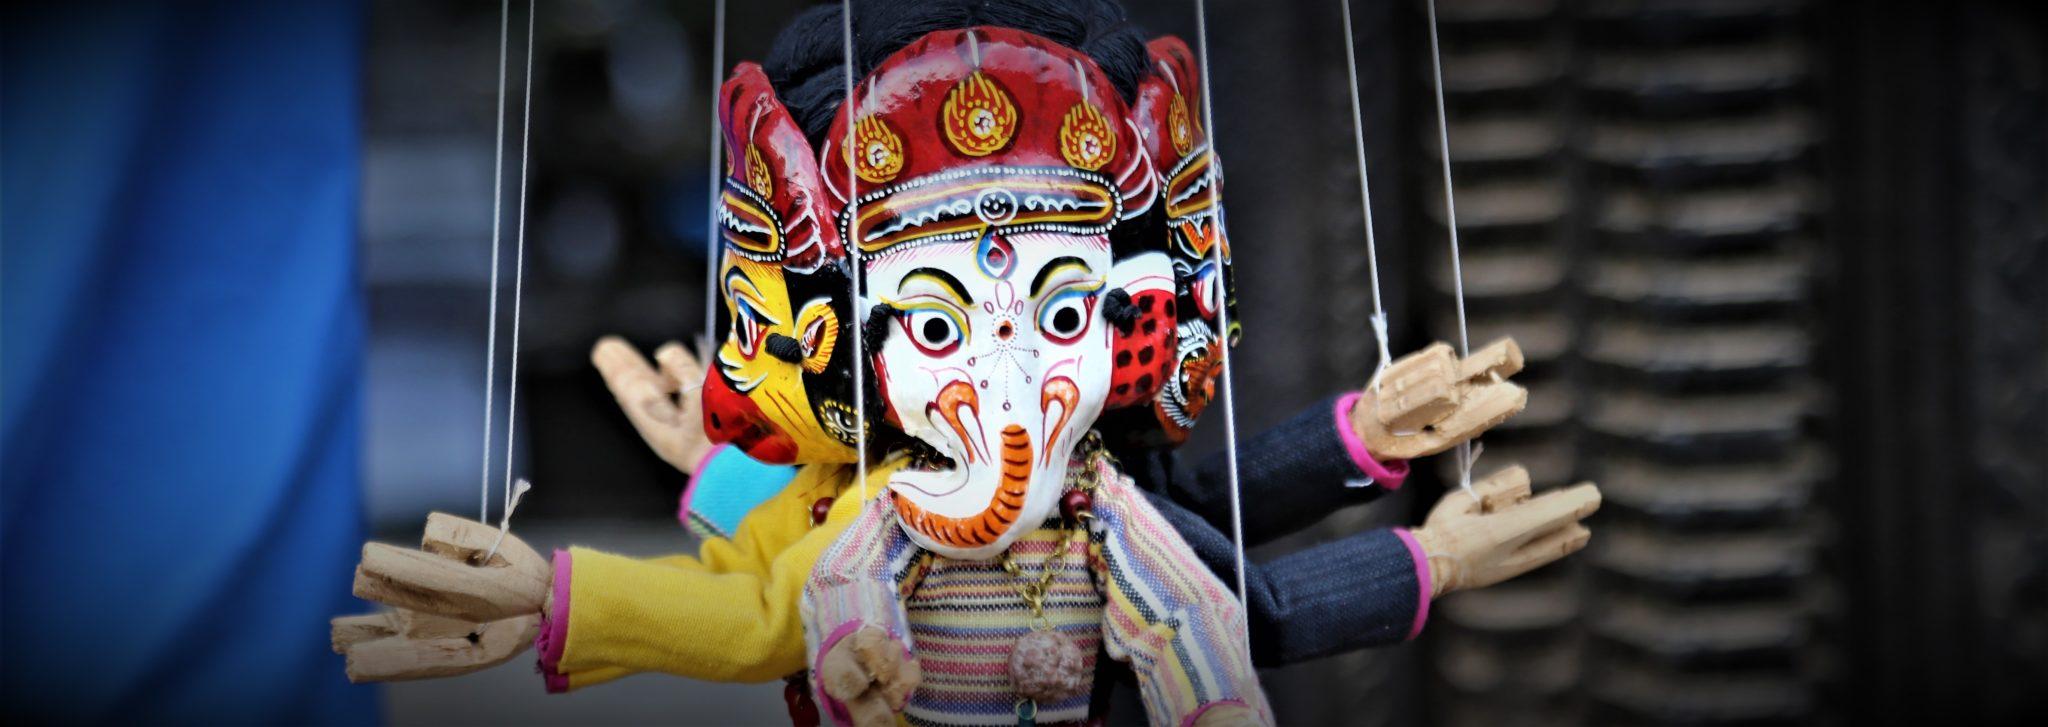 Ganesh  masque Népal achat paris MES INDES GALANTES